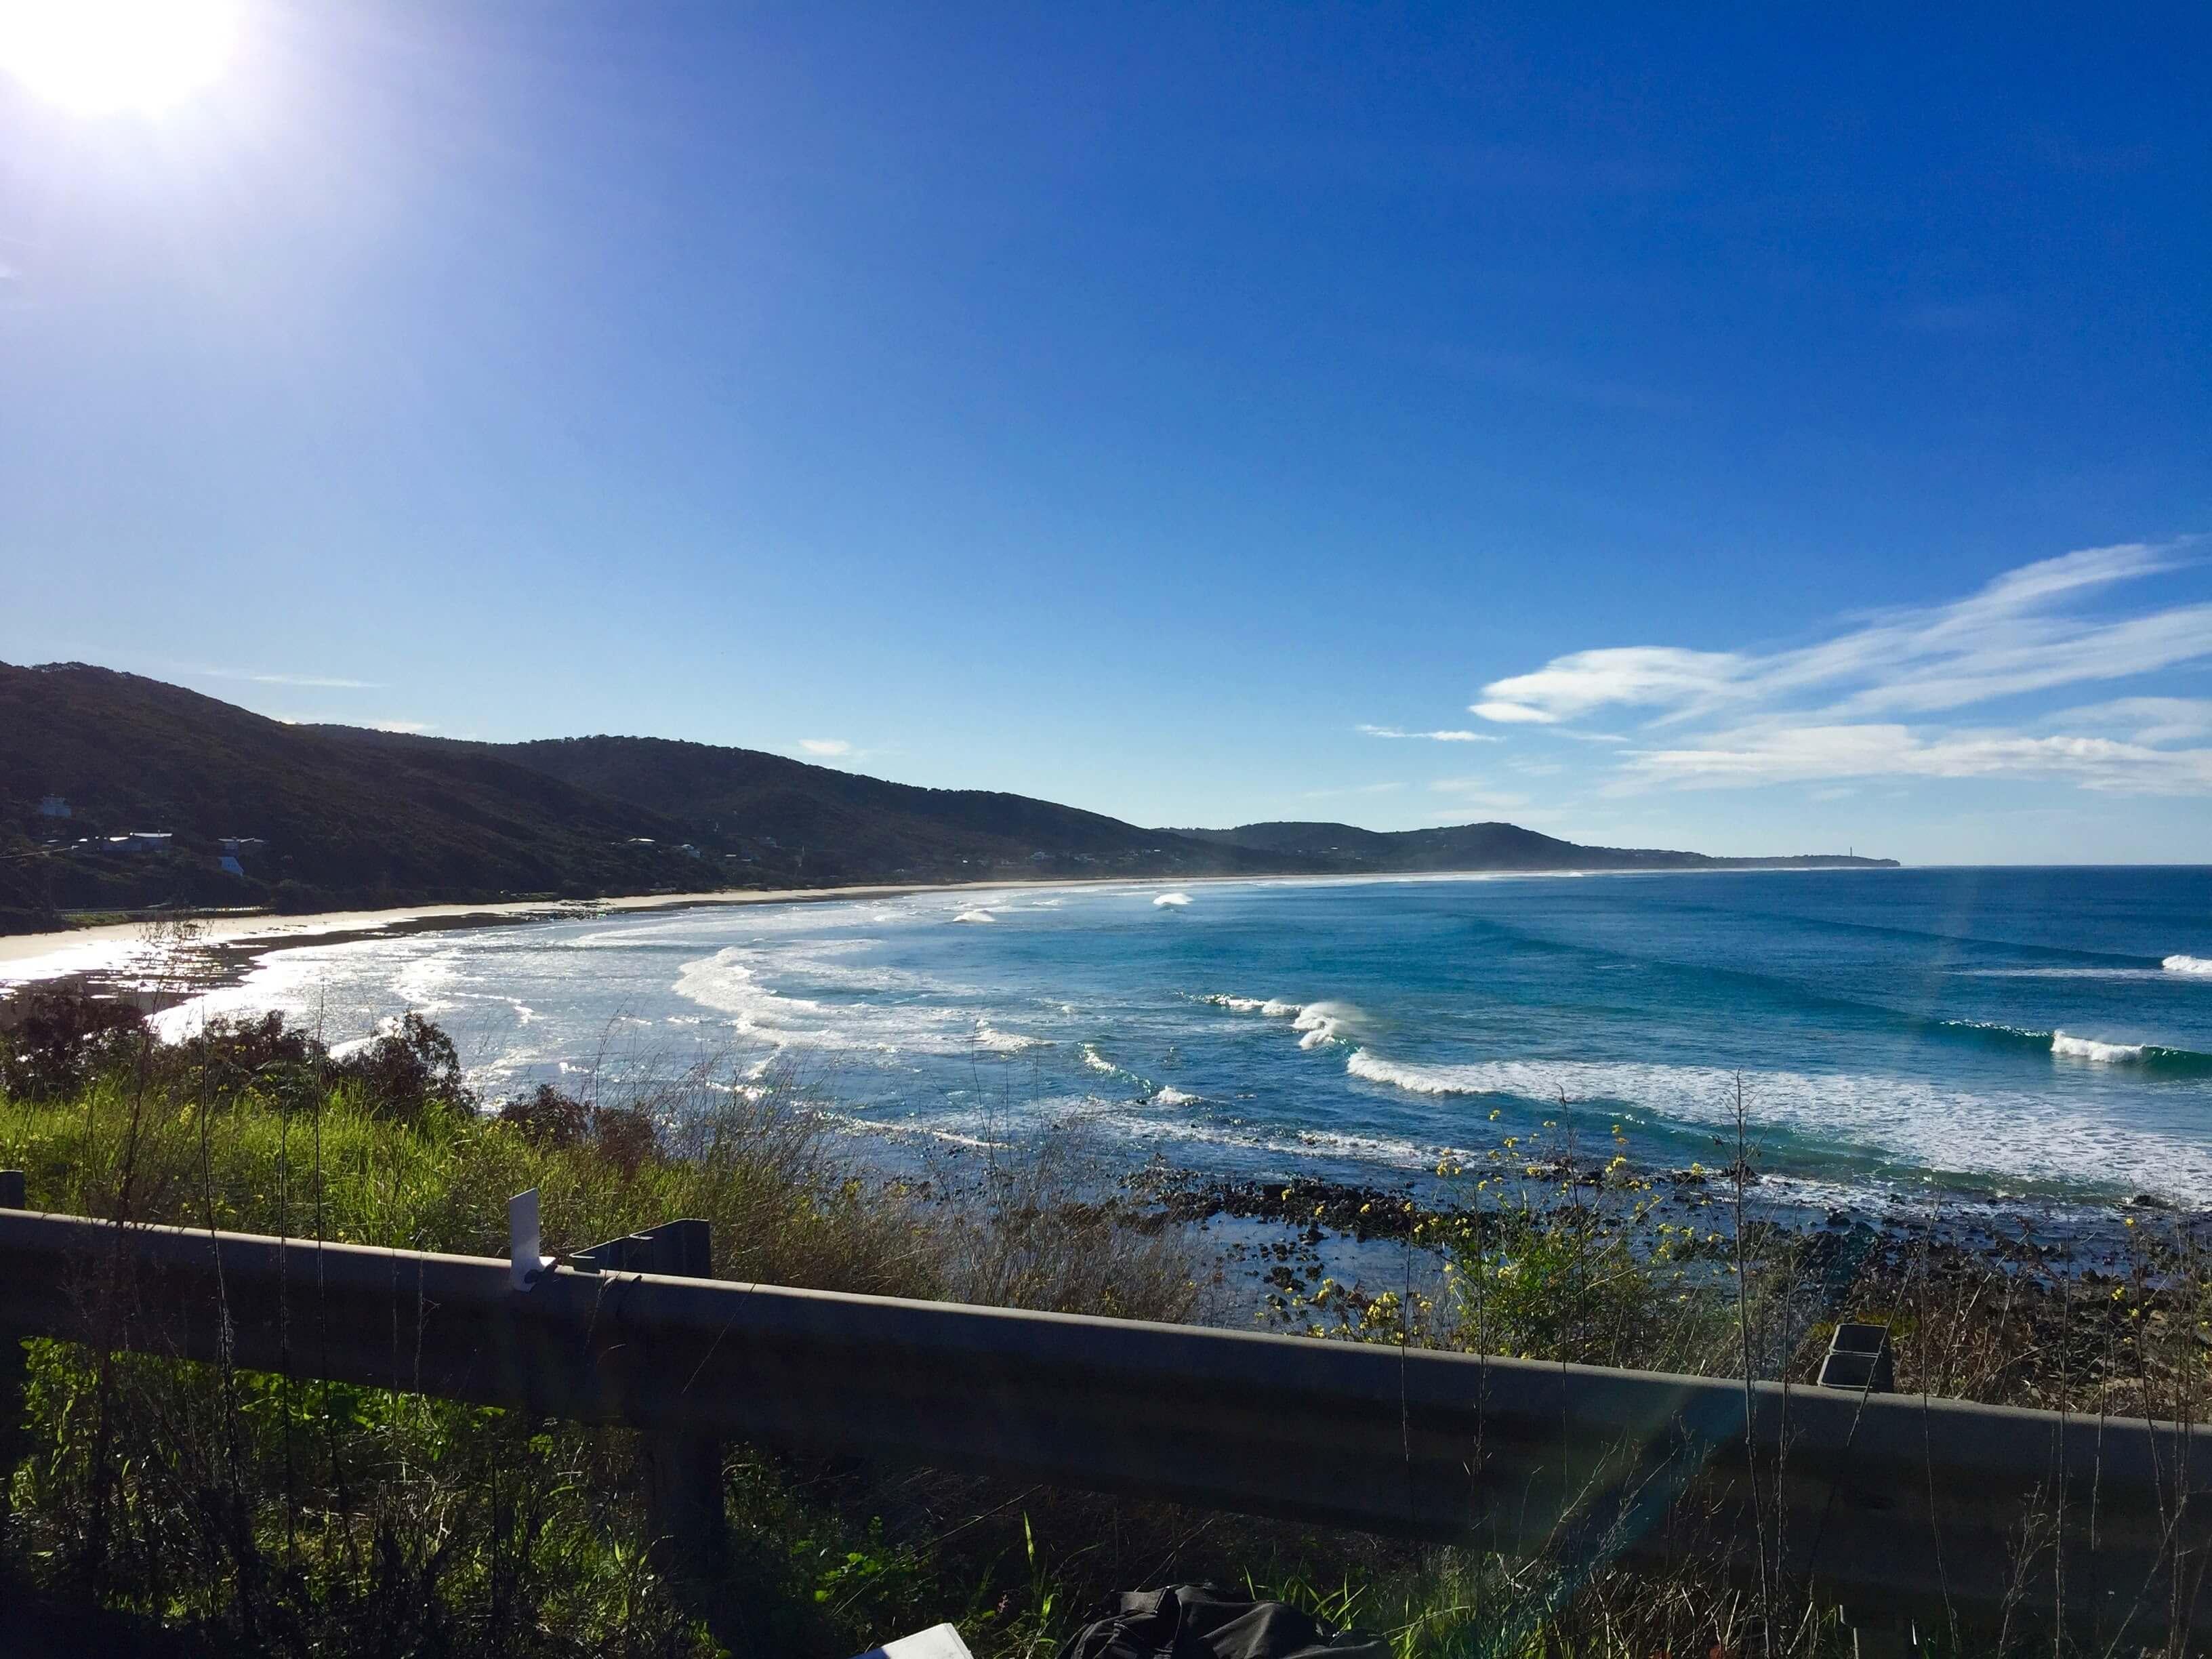 【 墨爾本大洋路攻略 】自駕、一日遊 兩種方式輕鬆暢玩墨爾本必去的大洋路!